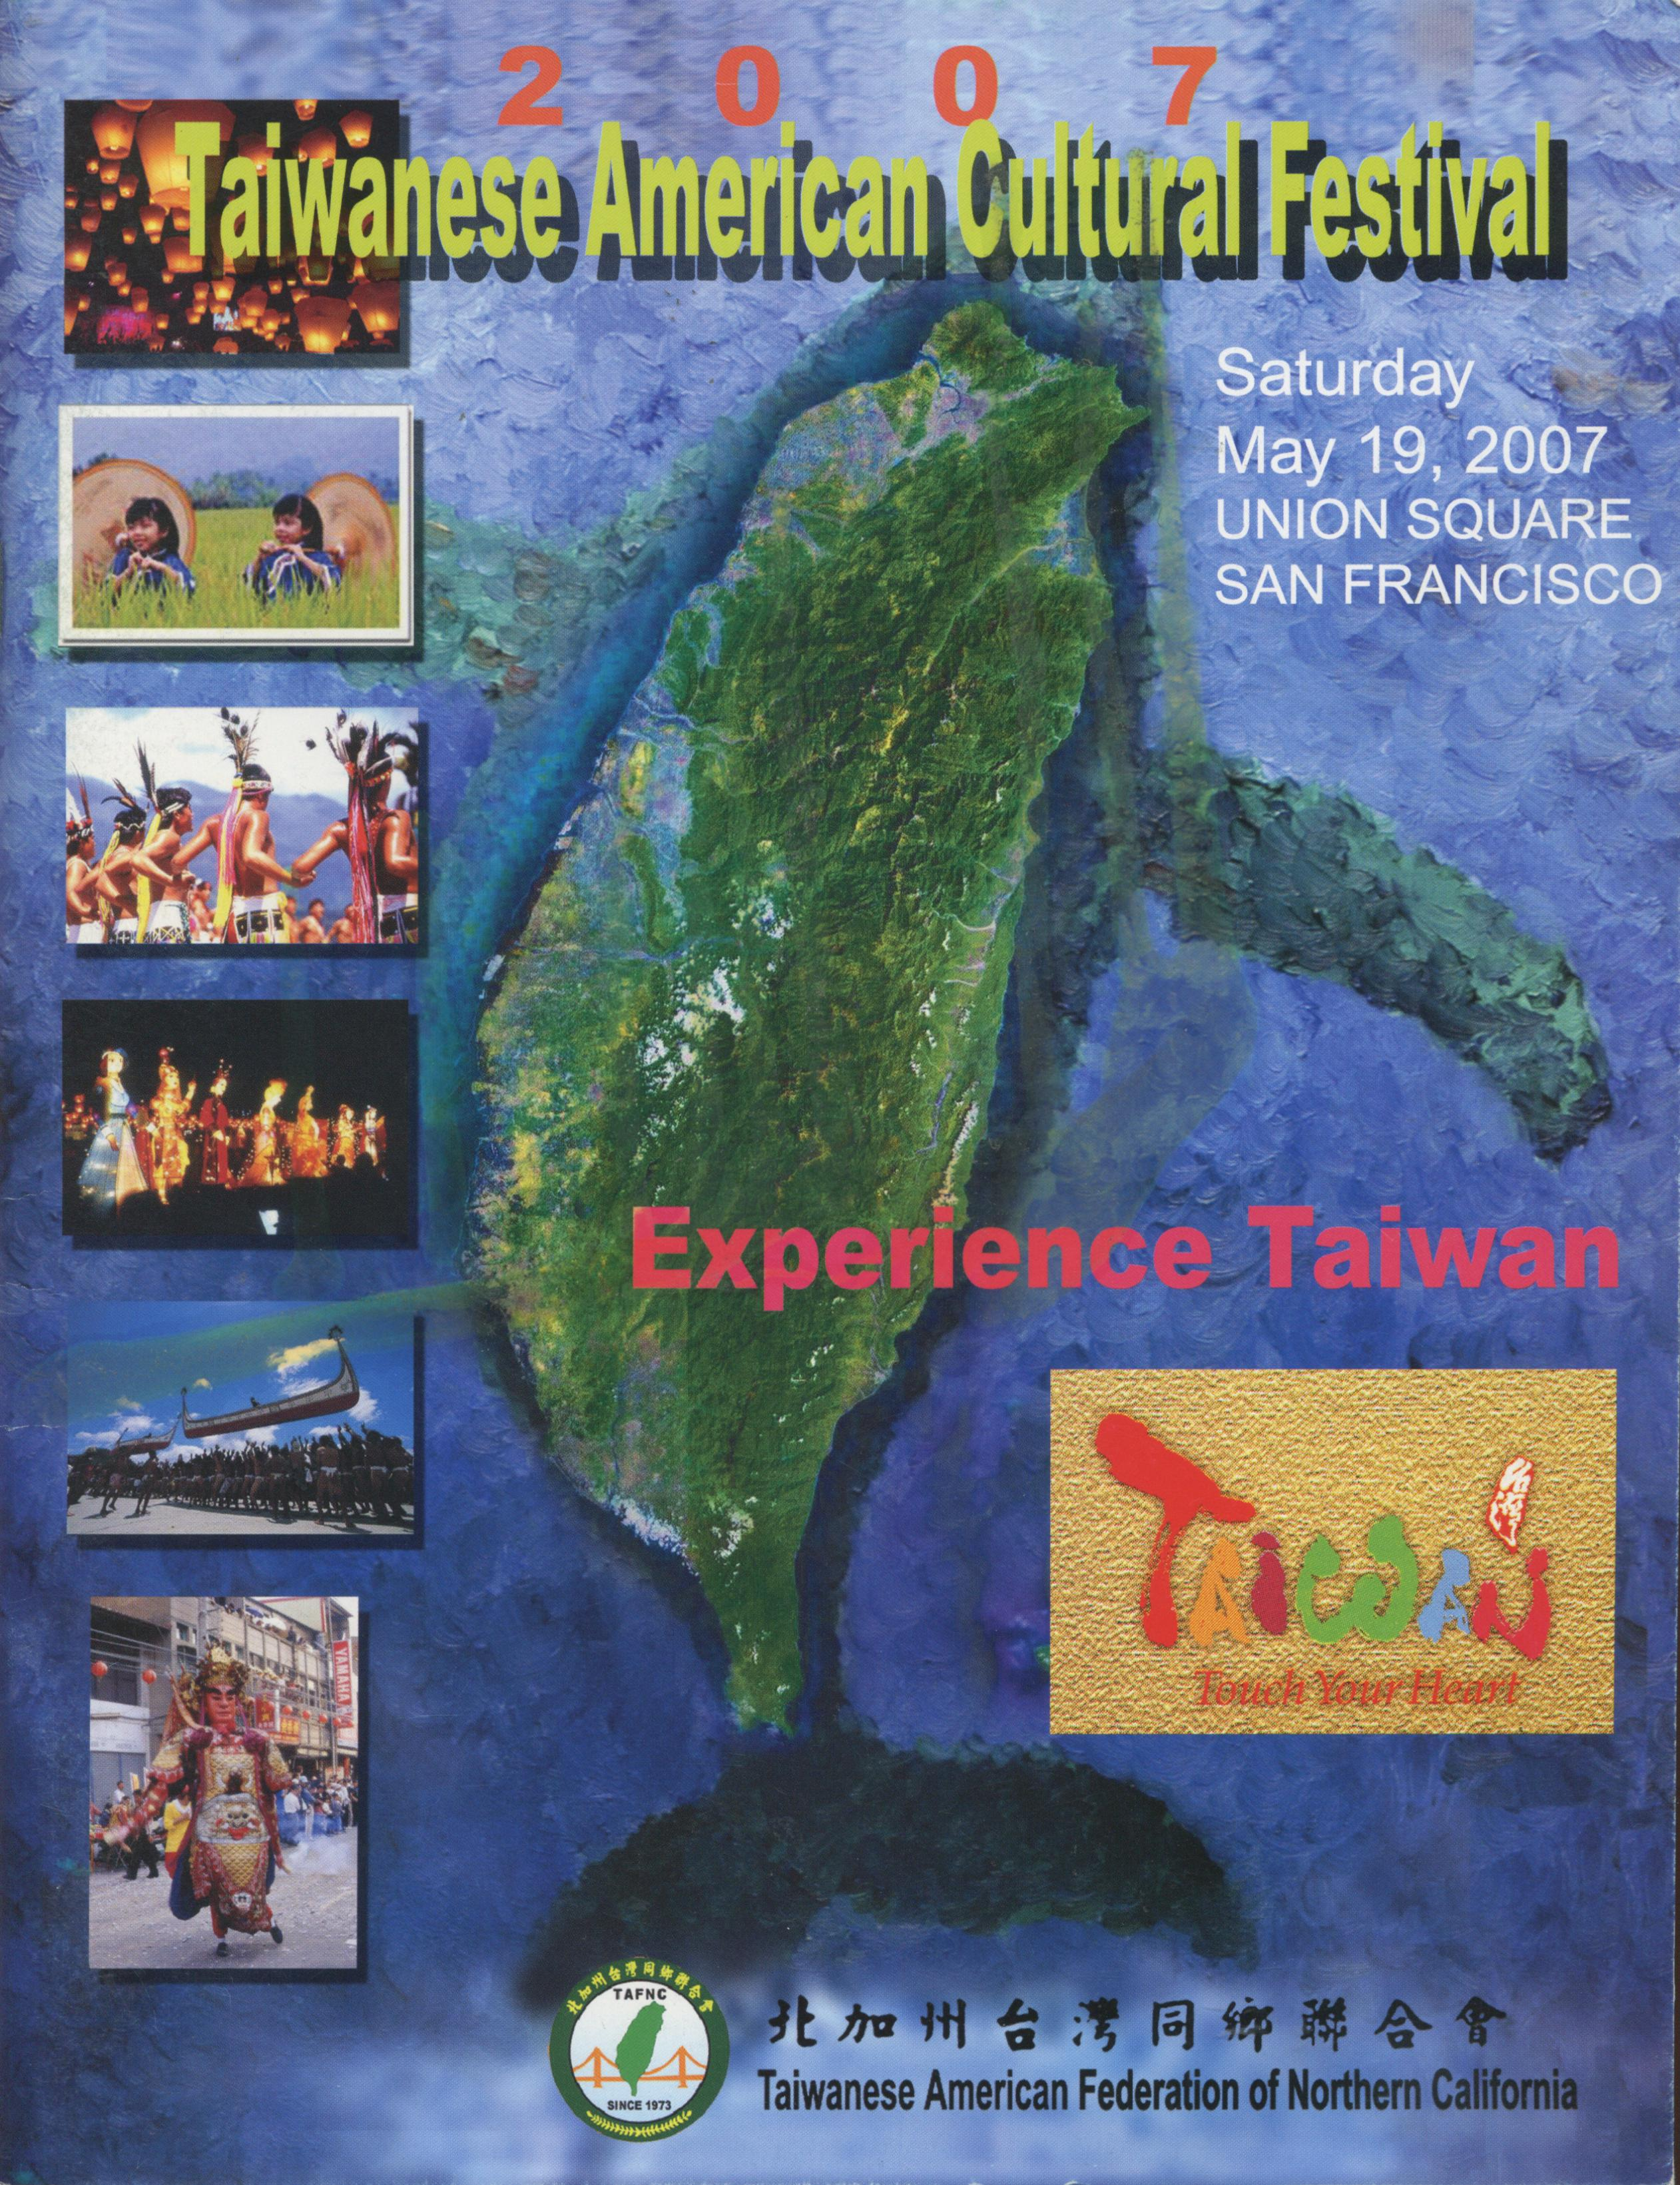 780. 2007 台灣文化節特刊/北加州台灣同鄉聯合會/2007/05/Magazines/雜誌